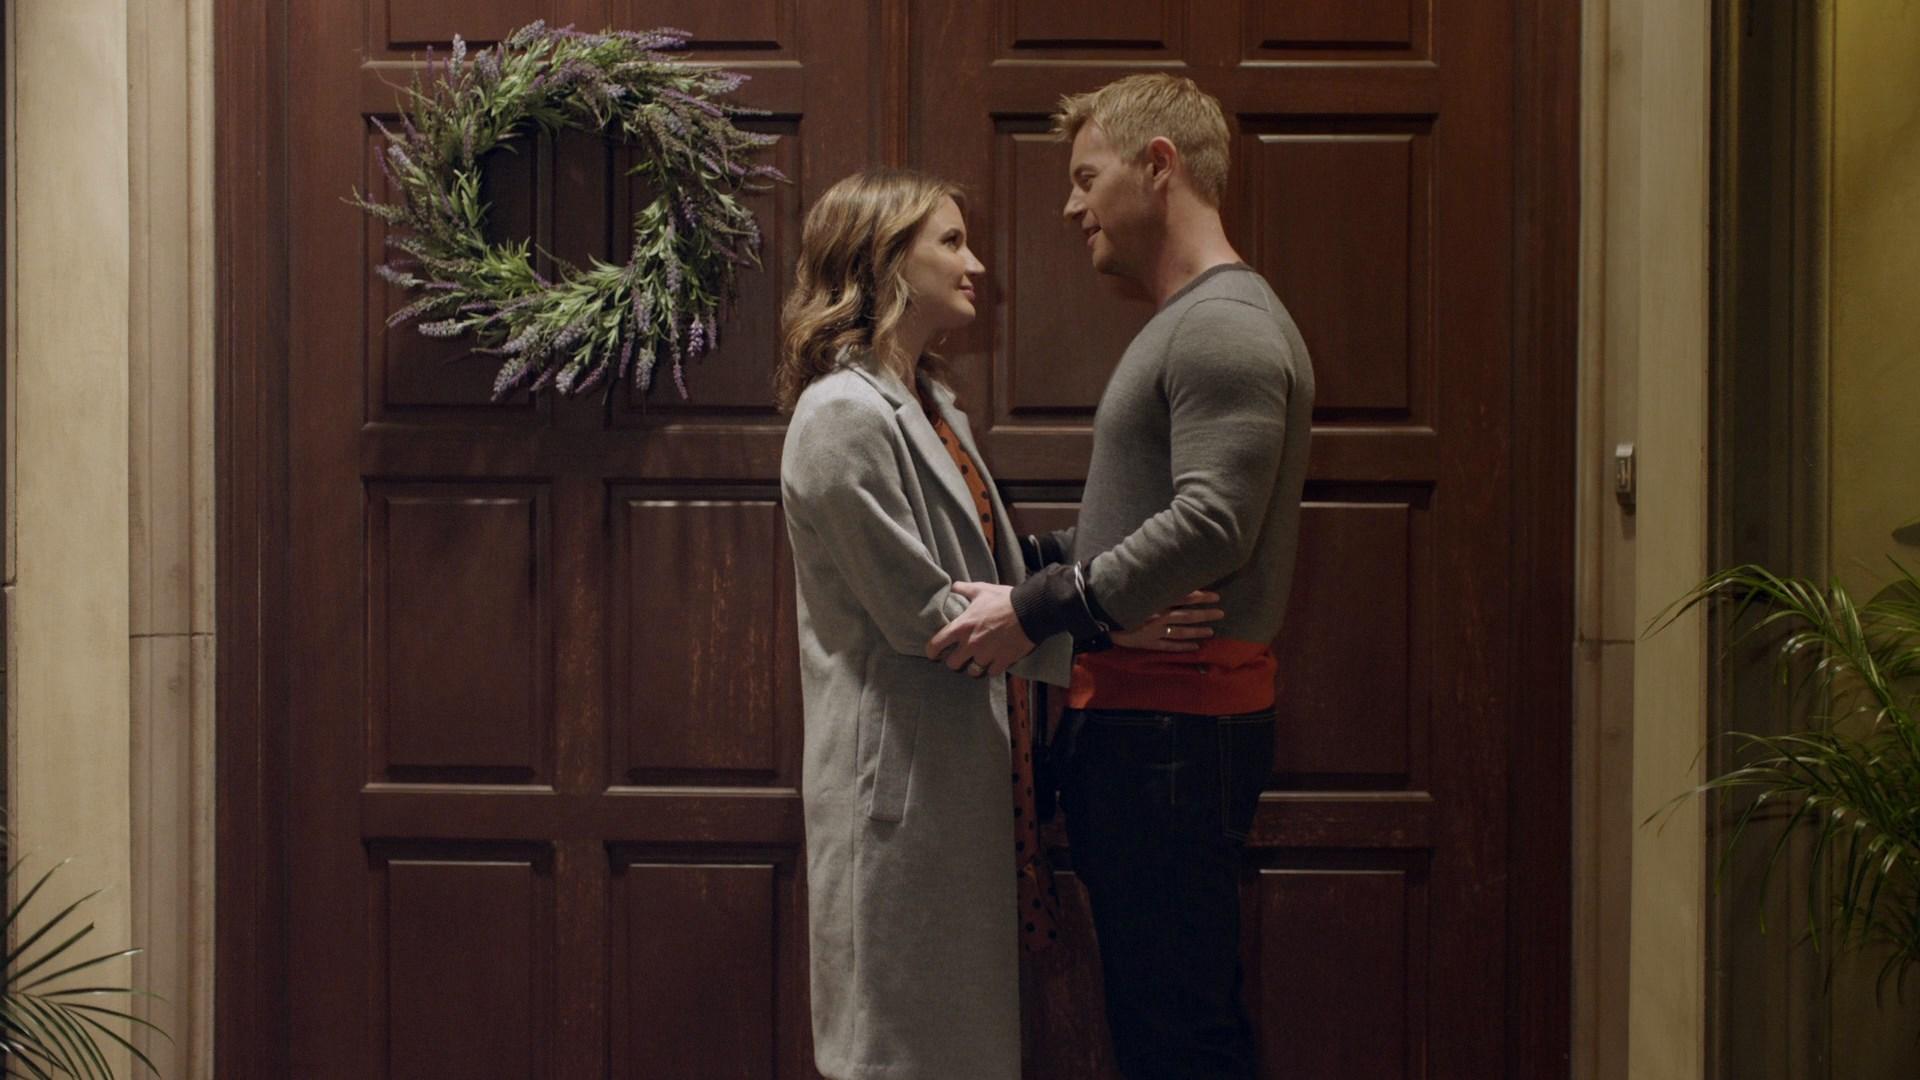 El esposo Incorrecto (2019) 1080p WEB-DL AMZN Latino